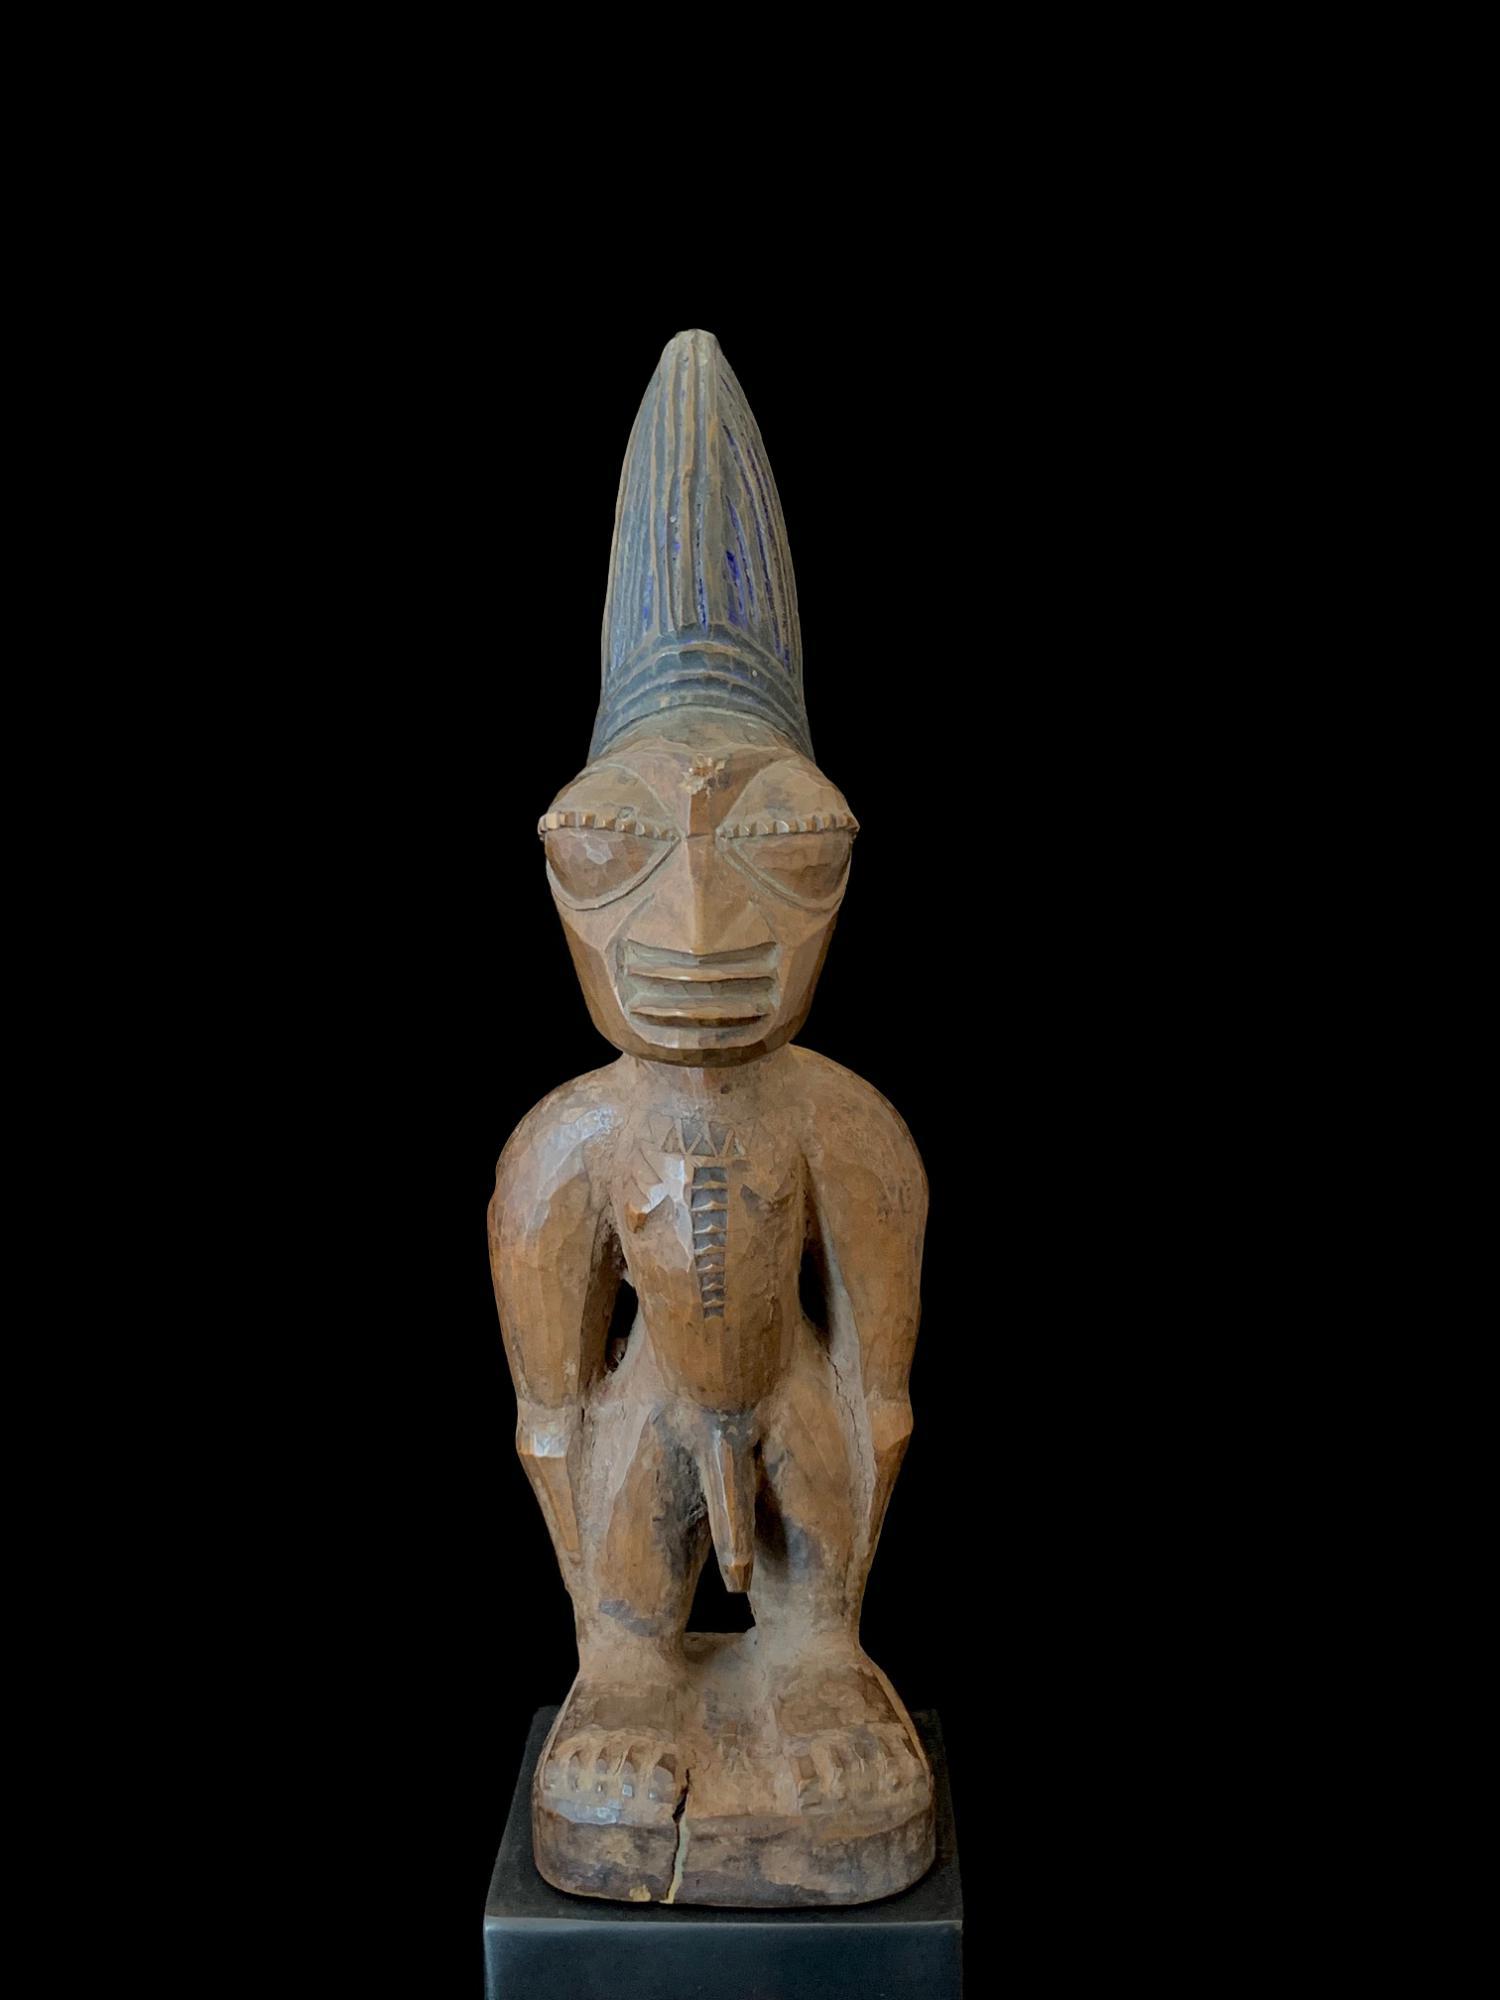 Ibeji Twin Figure - Yoruba, Nigeria (JL21)